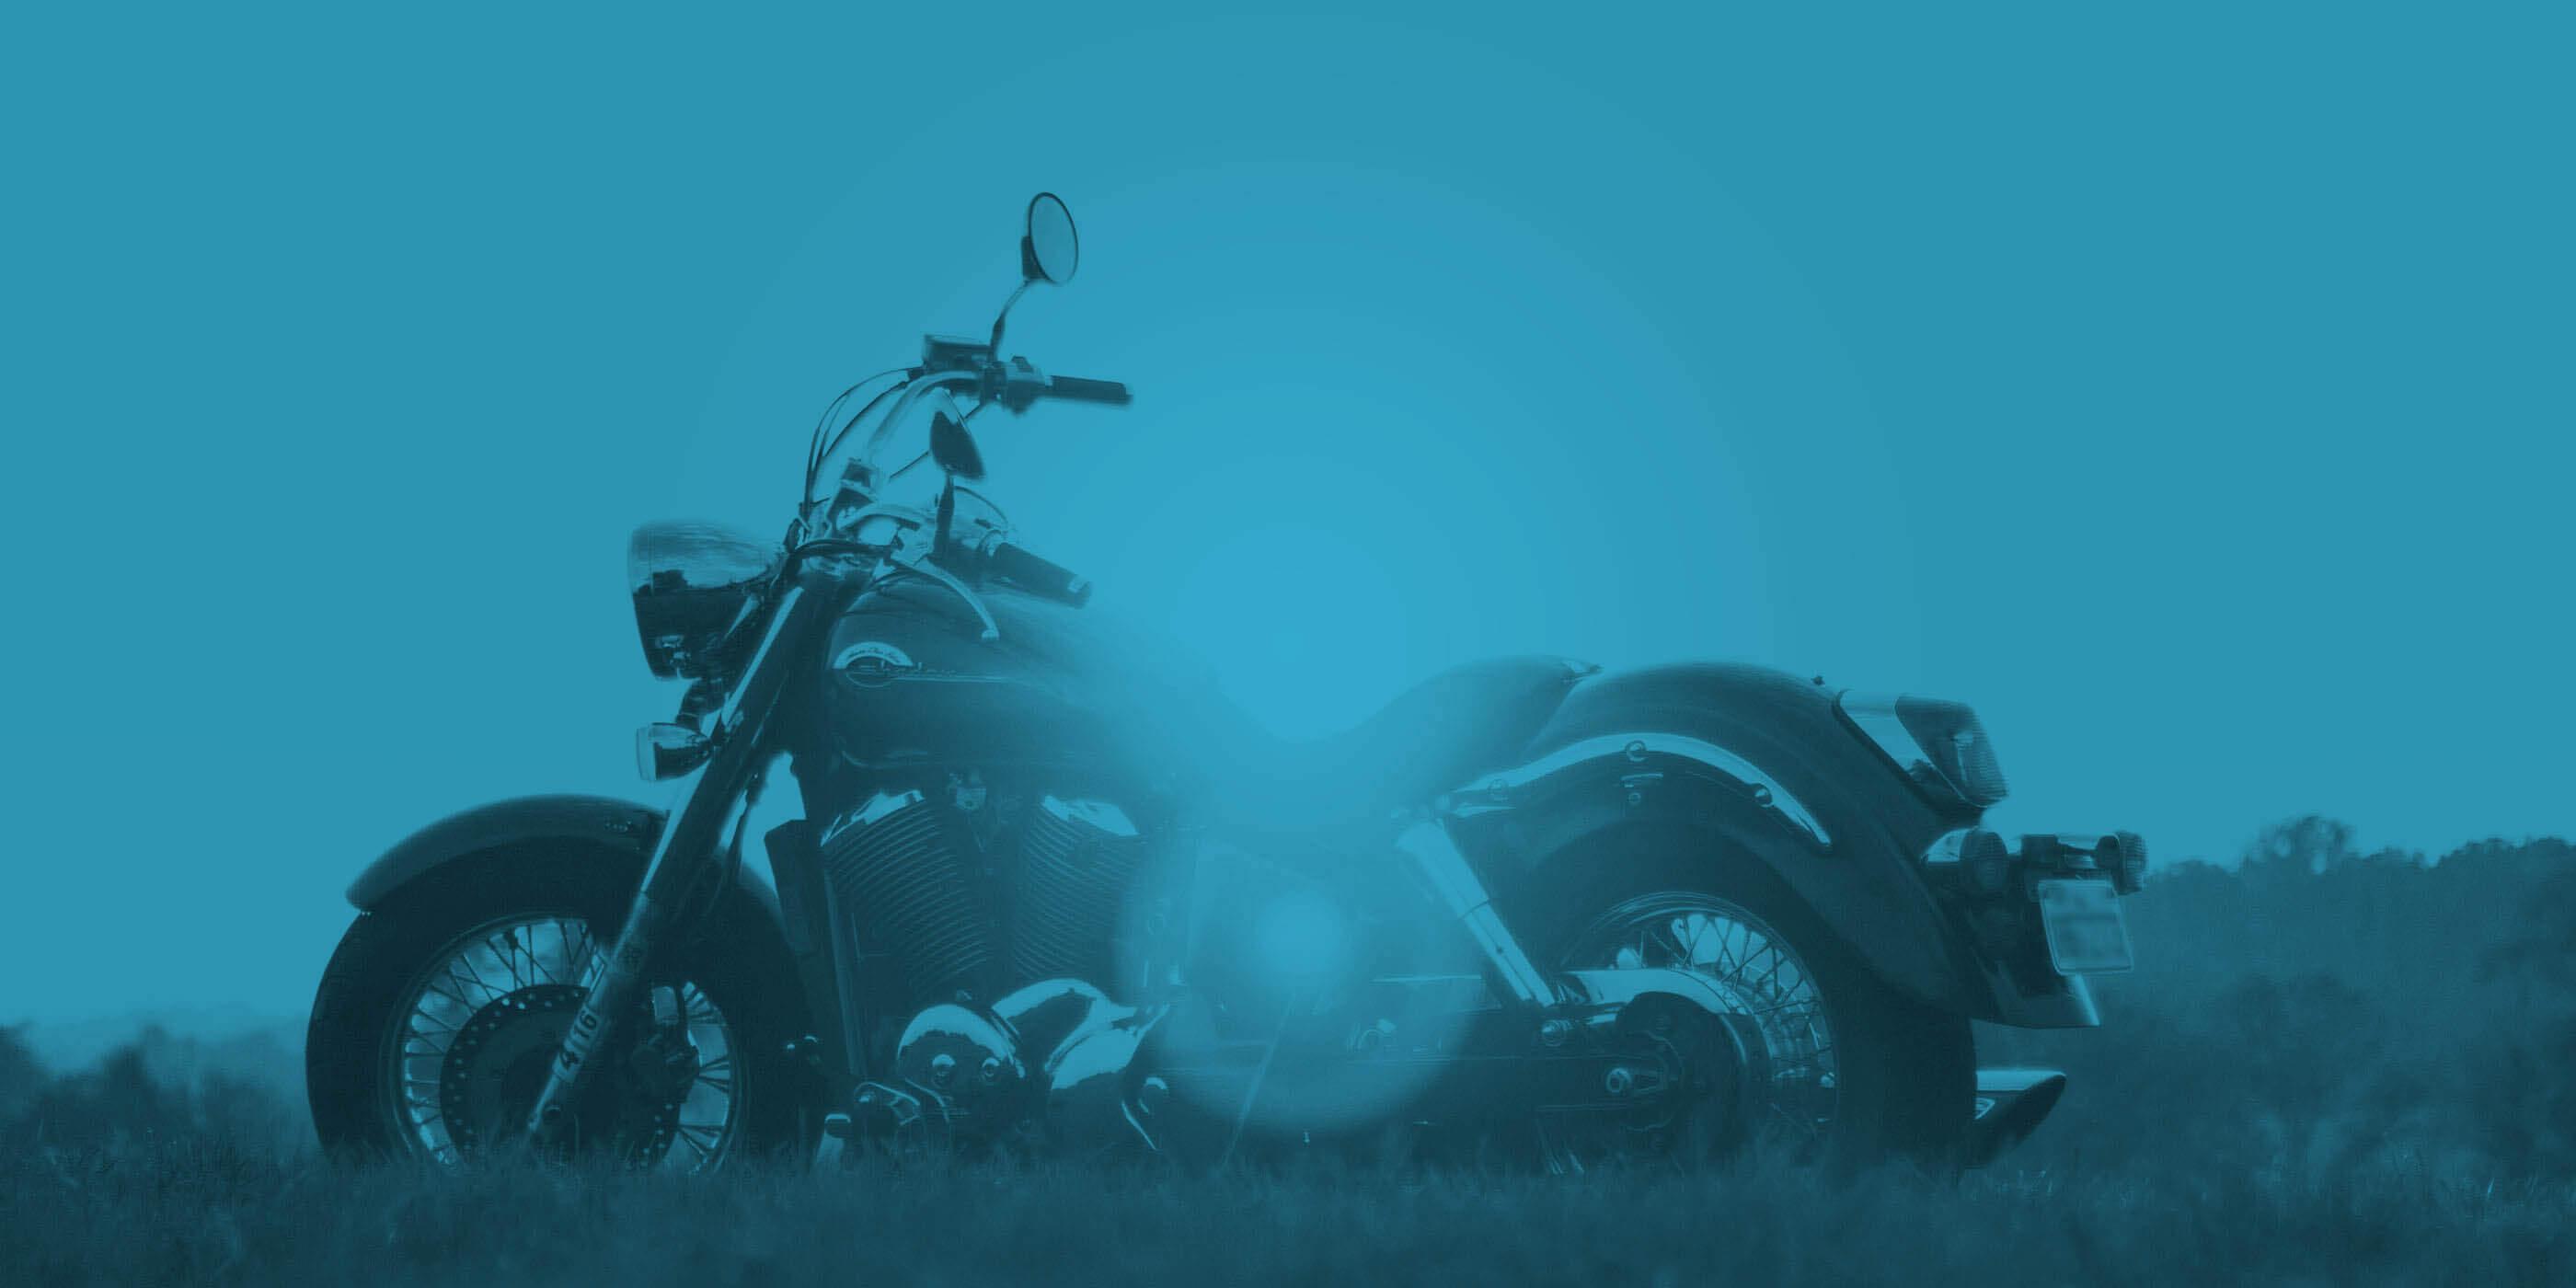 Veelgestelde vragen over de motorverzekering